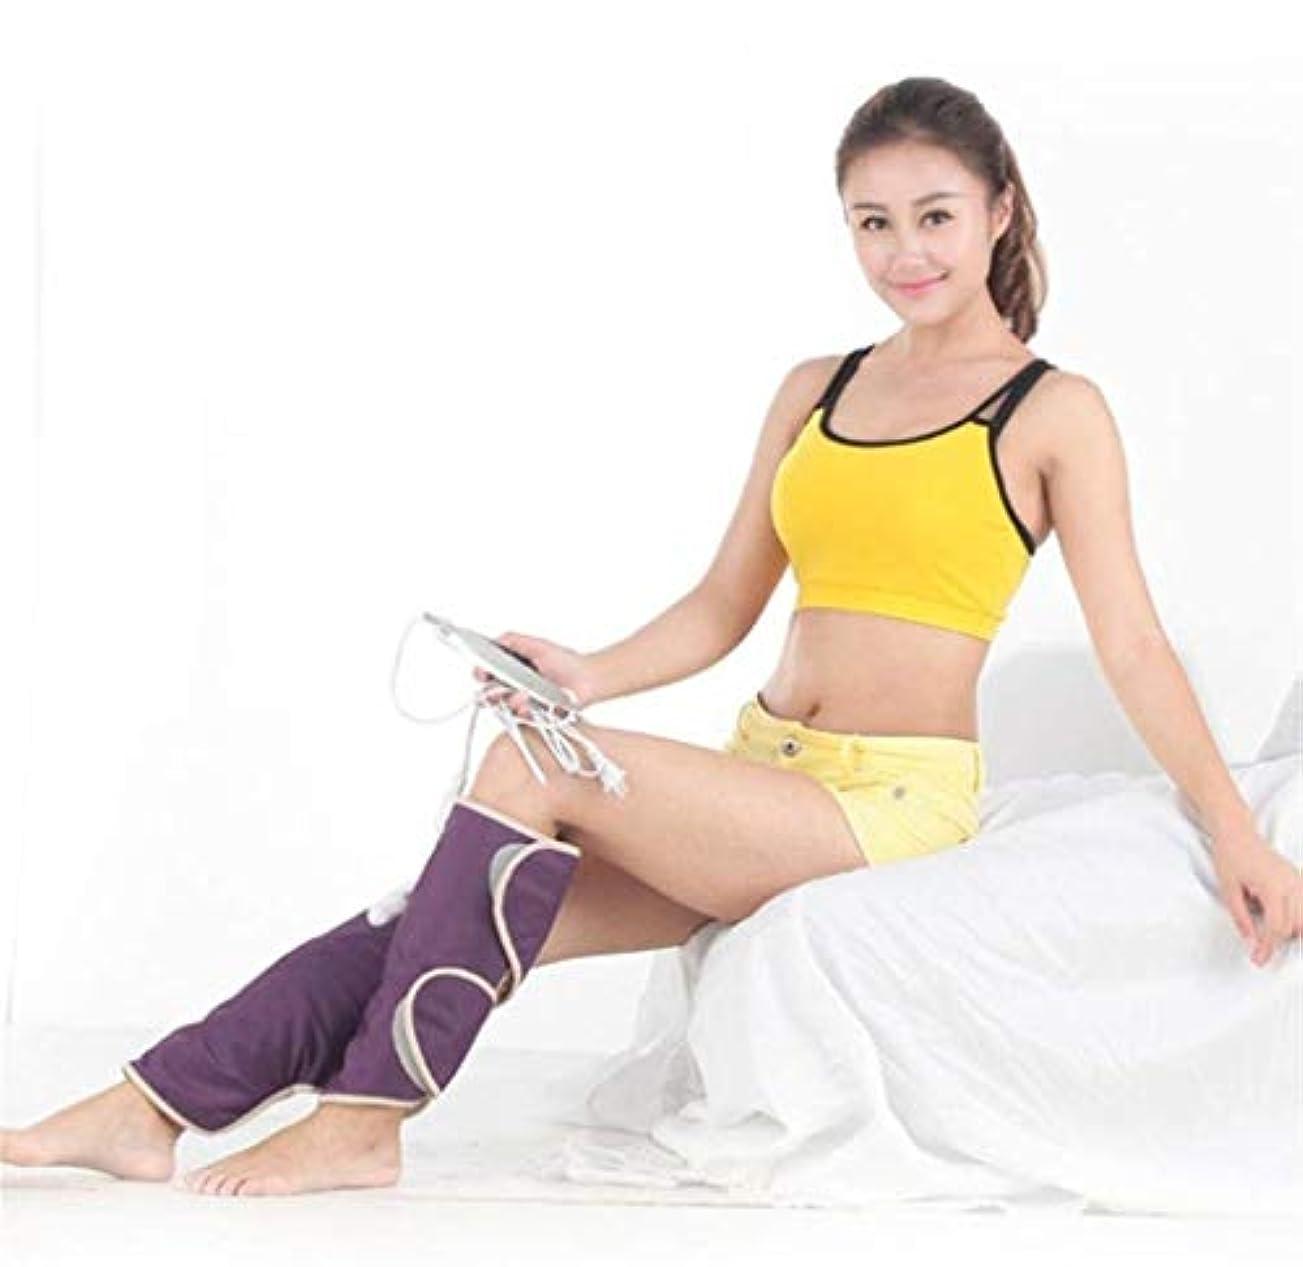 故障中尾シャーク電気マッサージ器、遠赤外線電気膝パッド、3つの振動モード、理学療法装置、血液循環の促進、筋肉の弛緩